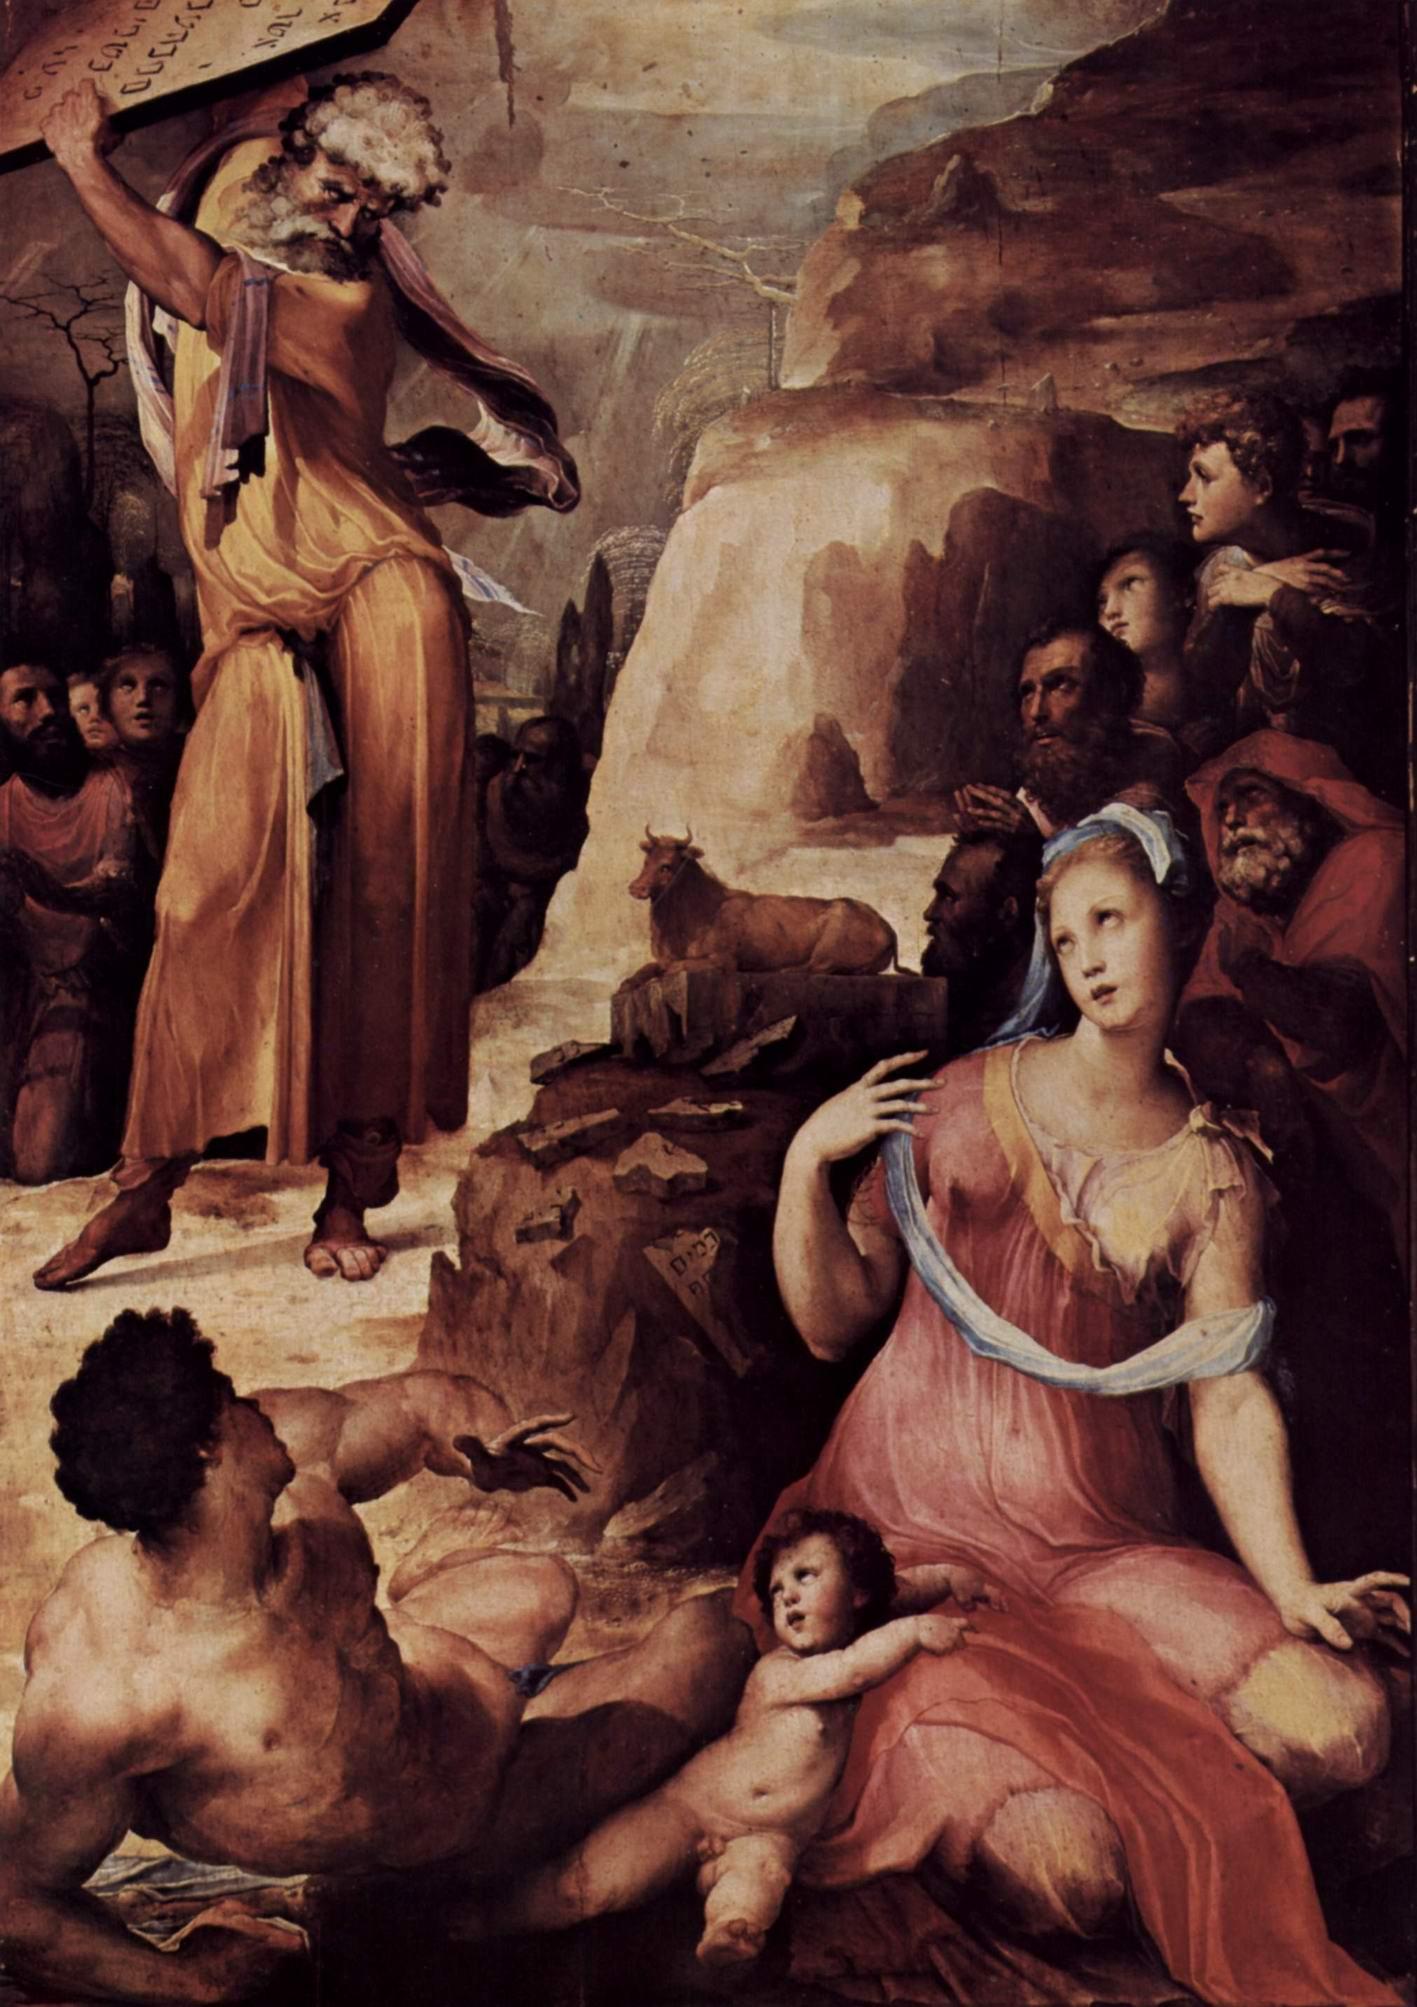 Моисей разбивает скрижали Завета, Беккафуми Доменико